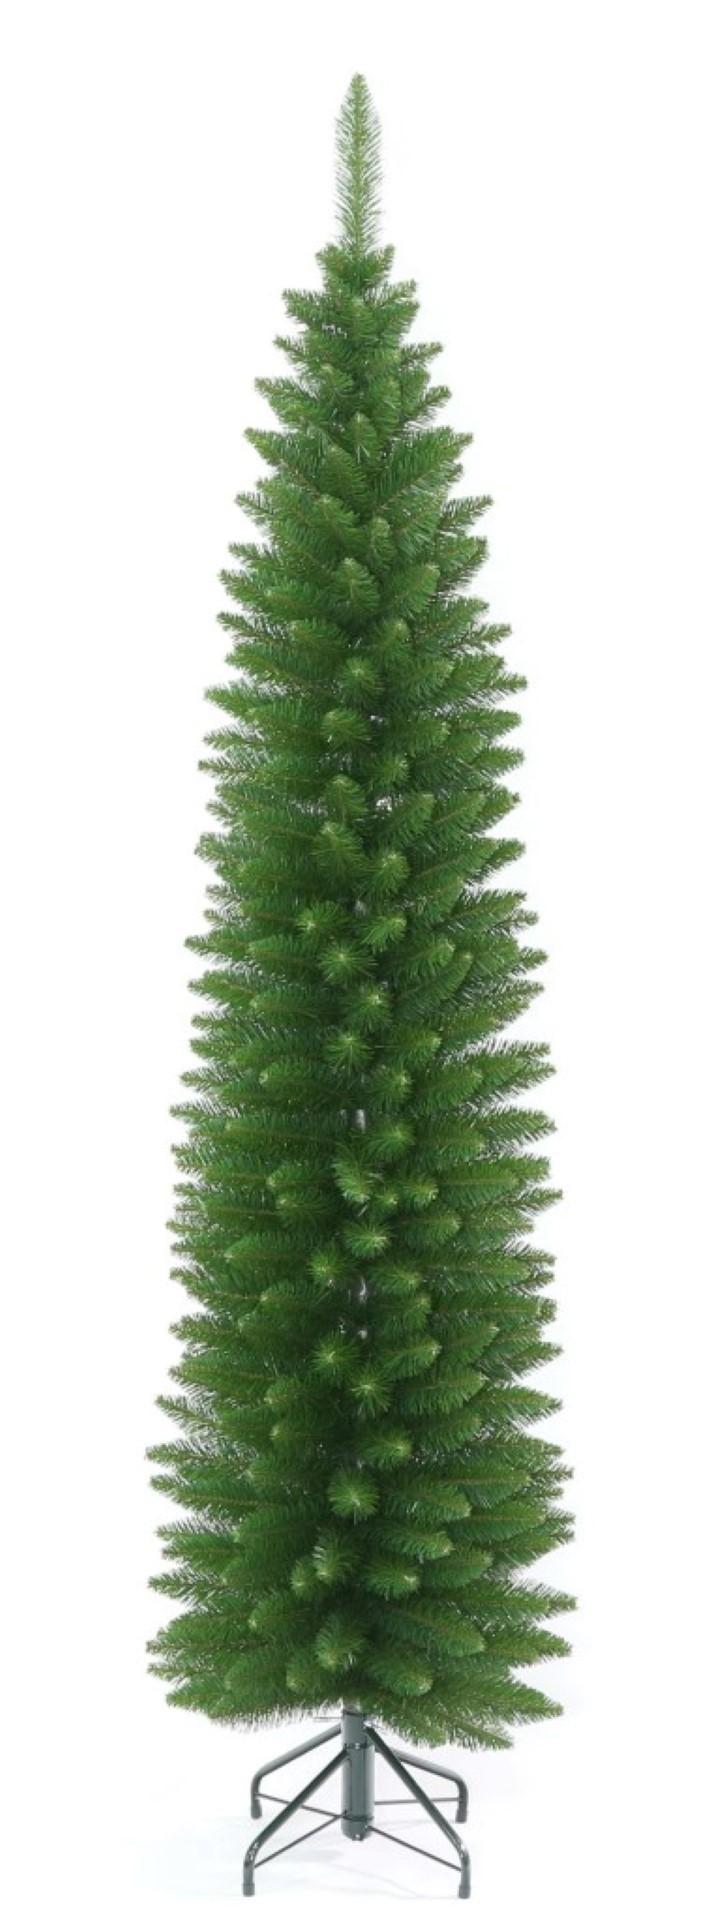 Kunstkerstboom Pencil Tree 180 cm extra smal